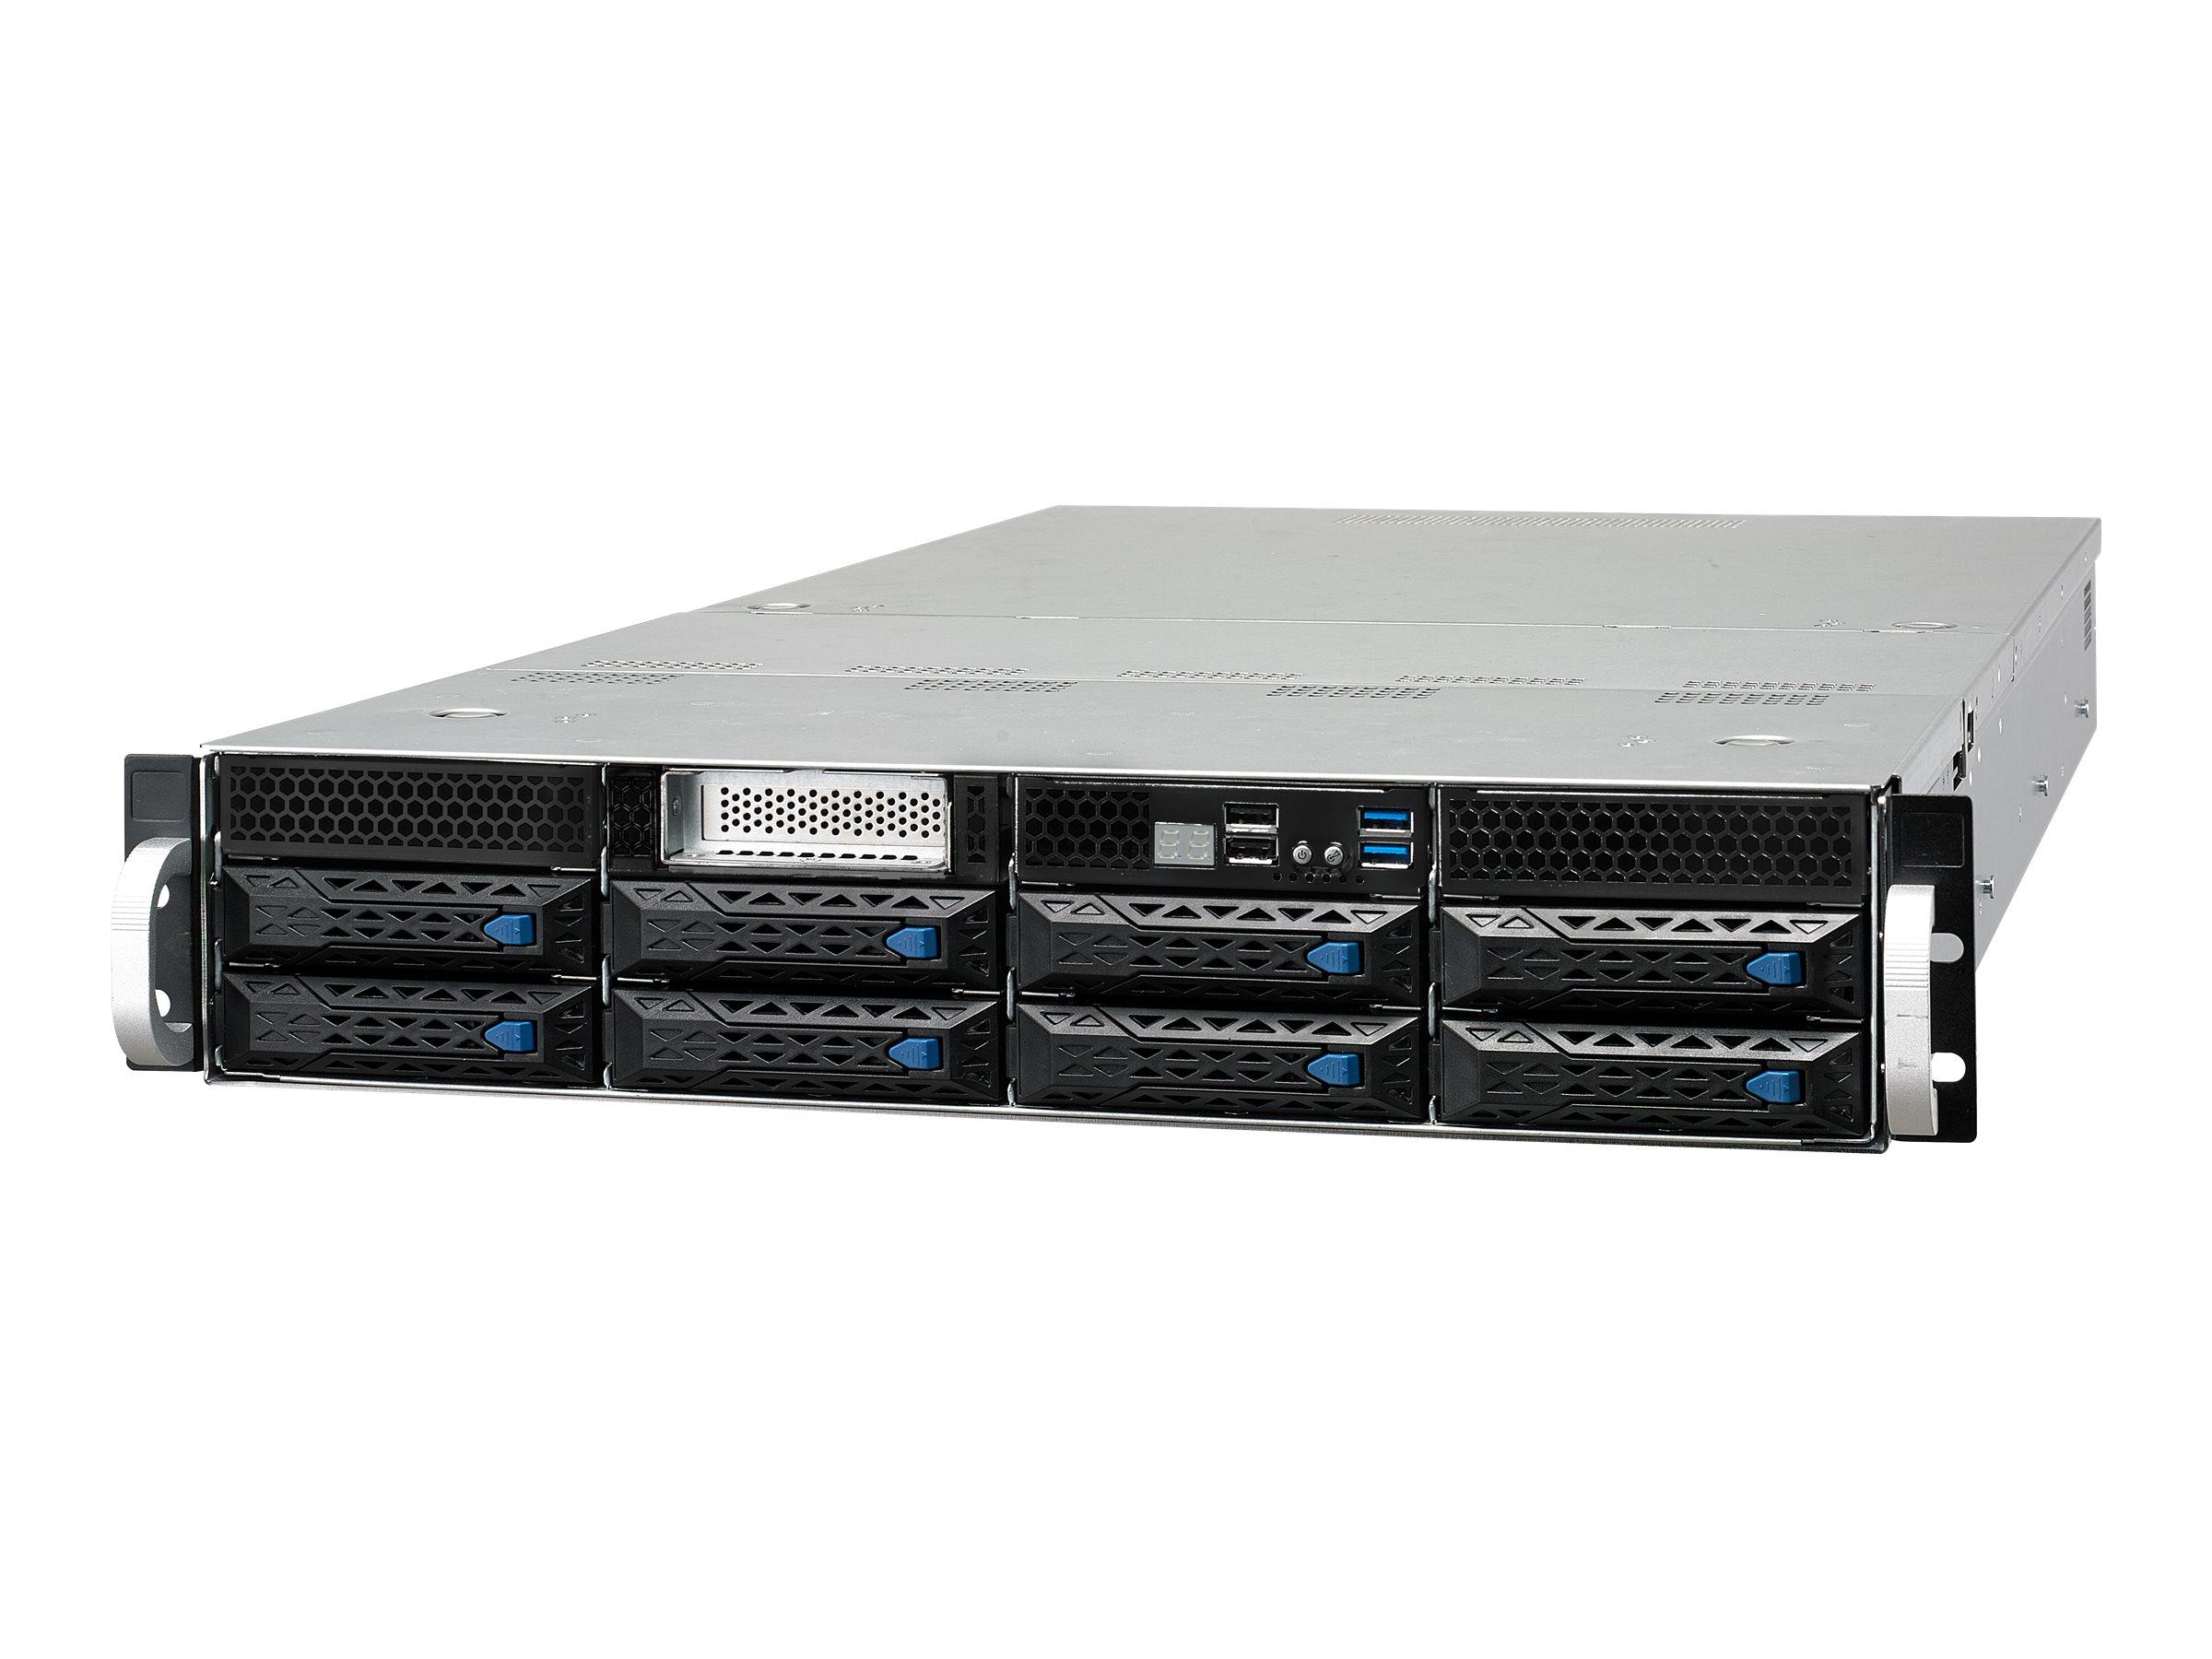 ASUS ESC4000 G4 - Server - Rack-Montage - 2U - zweiweg - keine CPU